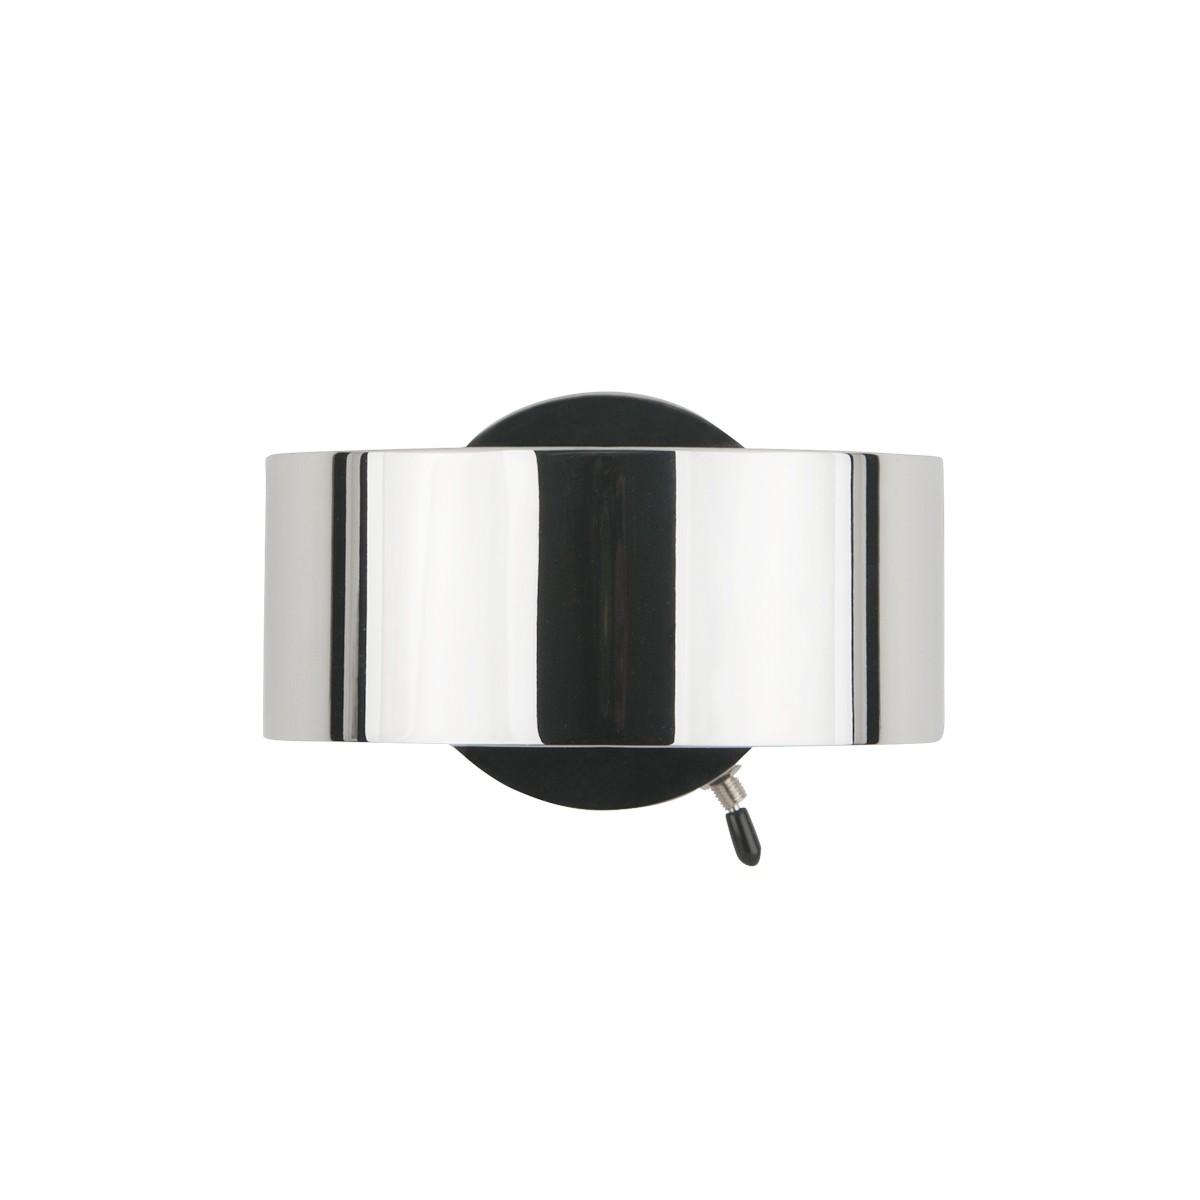 Top Light Puk Maxx Wall + Wandleuchte, mit Schaltereinbau, Gehäuse, Chrom